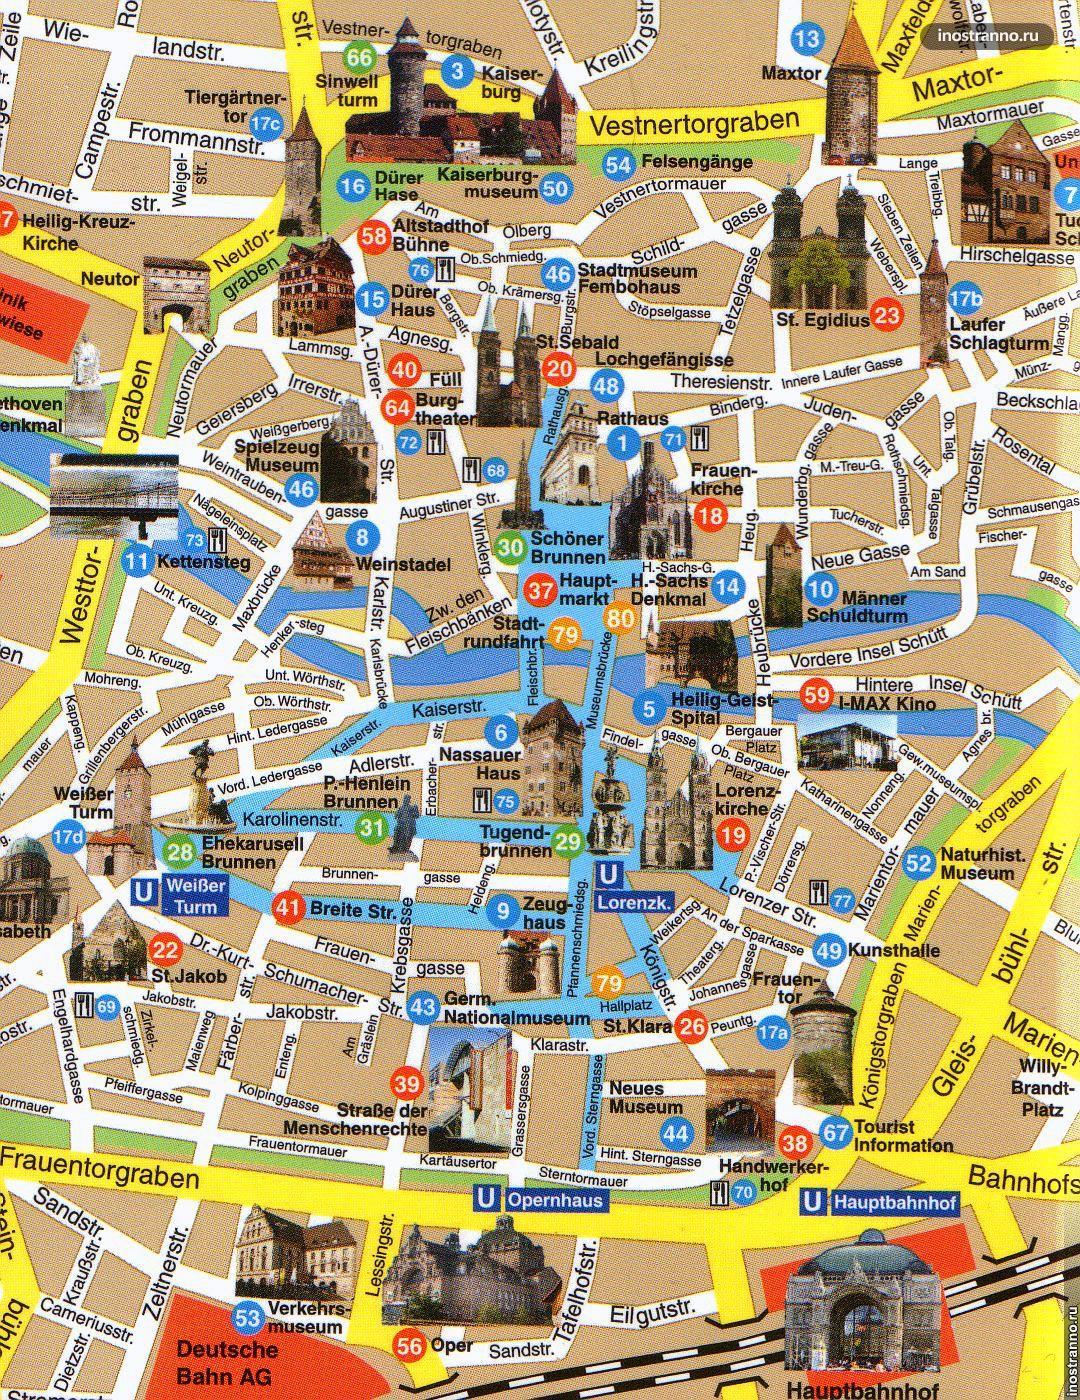 Карта достопримечательностей Нюрнберга